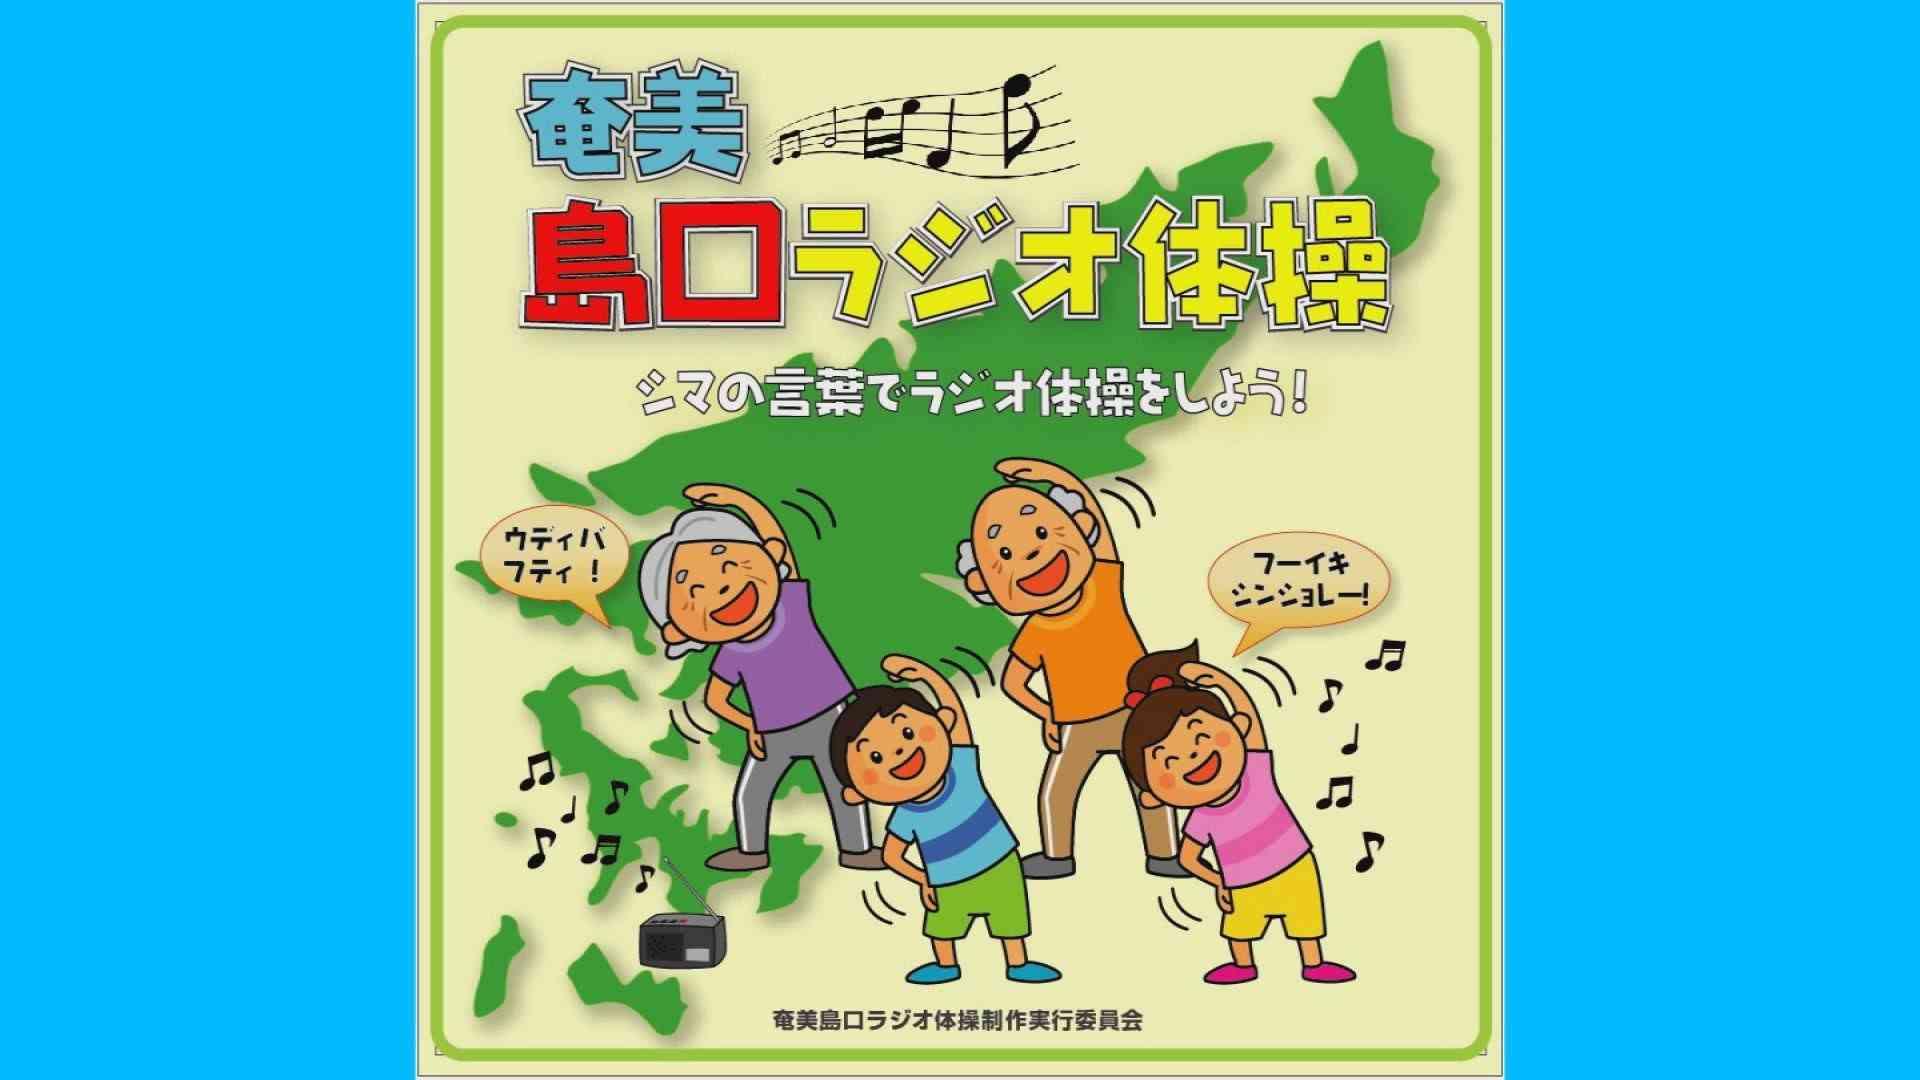 奄美島口ラジオ体操 ダイジェストMix版(字幕あり) - YouTube